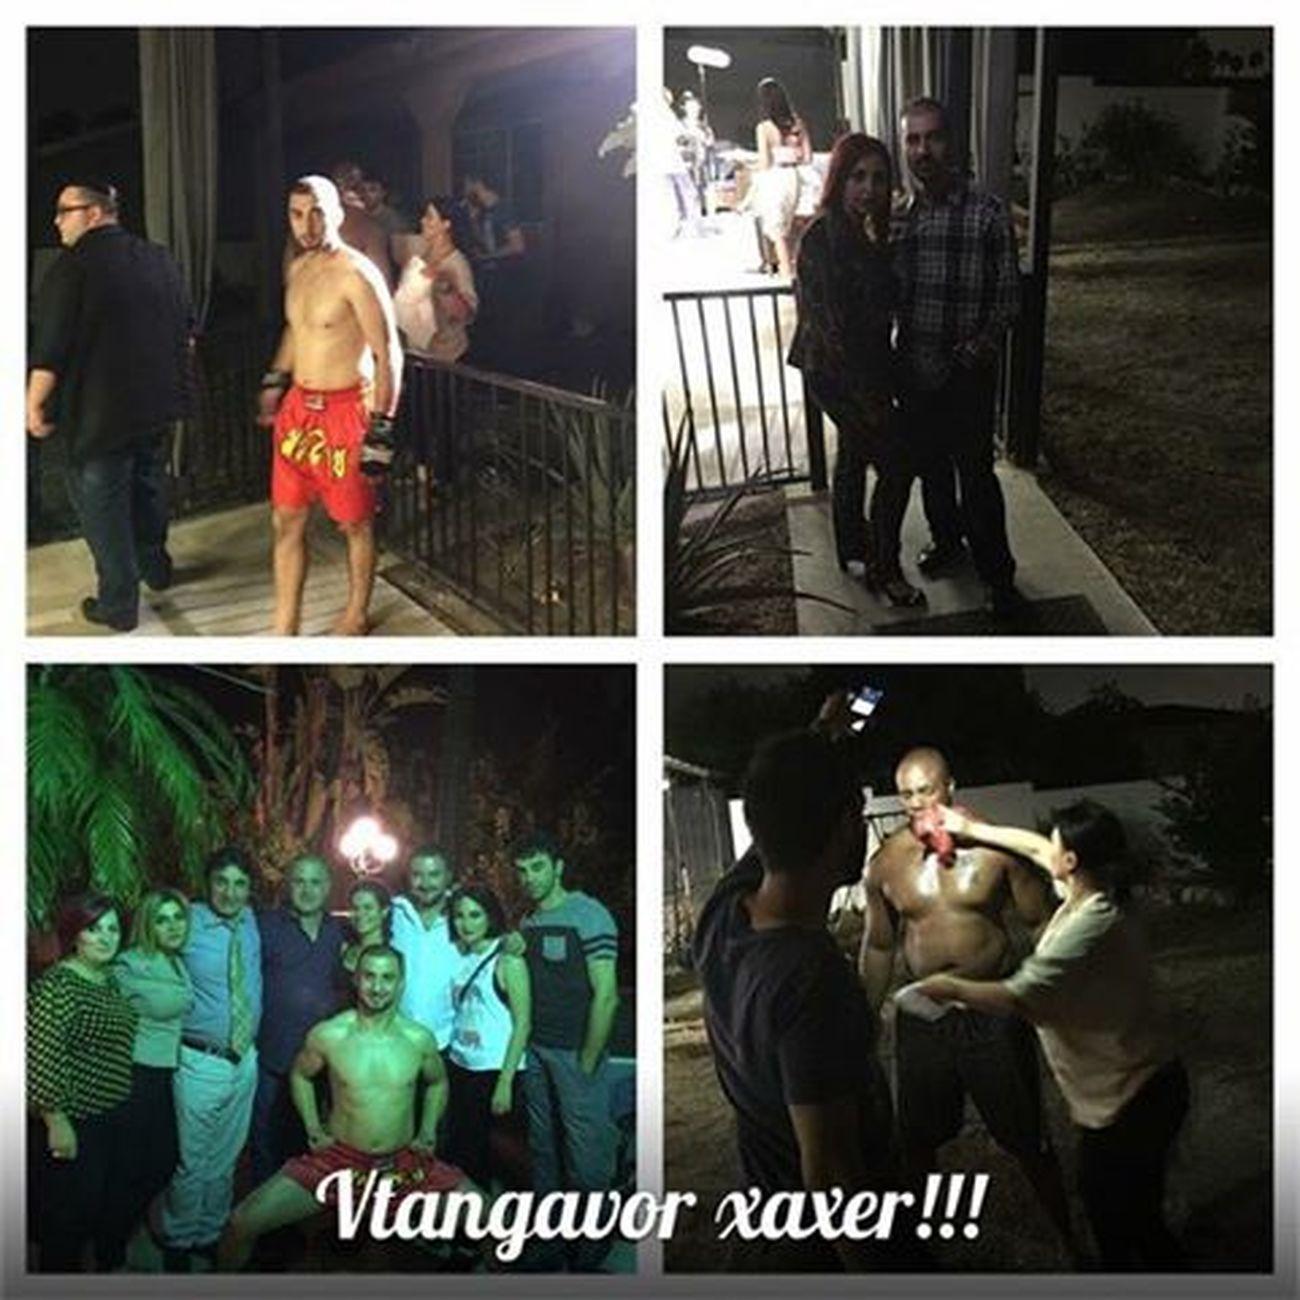 VtangavorXaxer опасныеигры